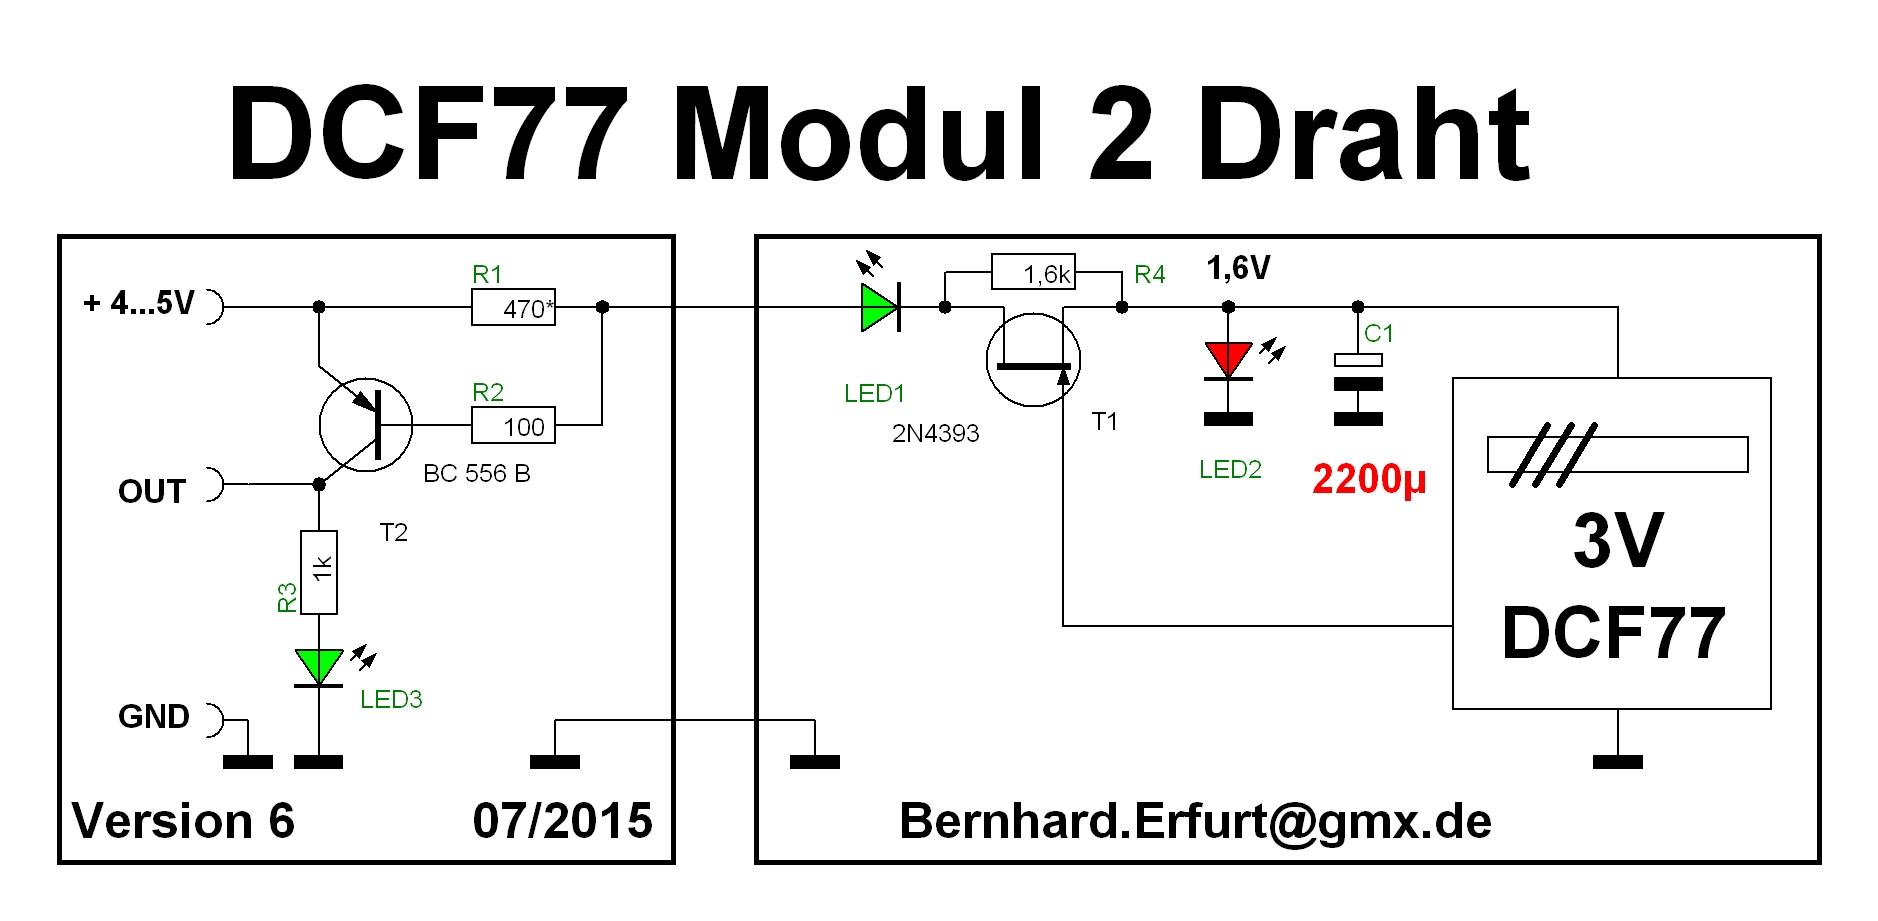 DCF77 Modul mit 2-Draht-Leitung betreiben - Diskussion ...